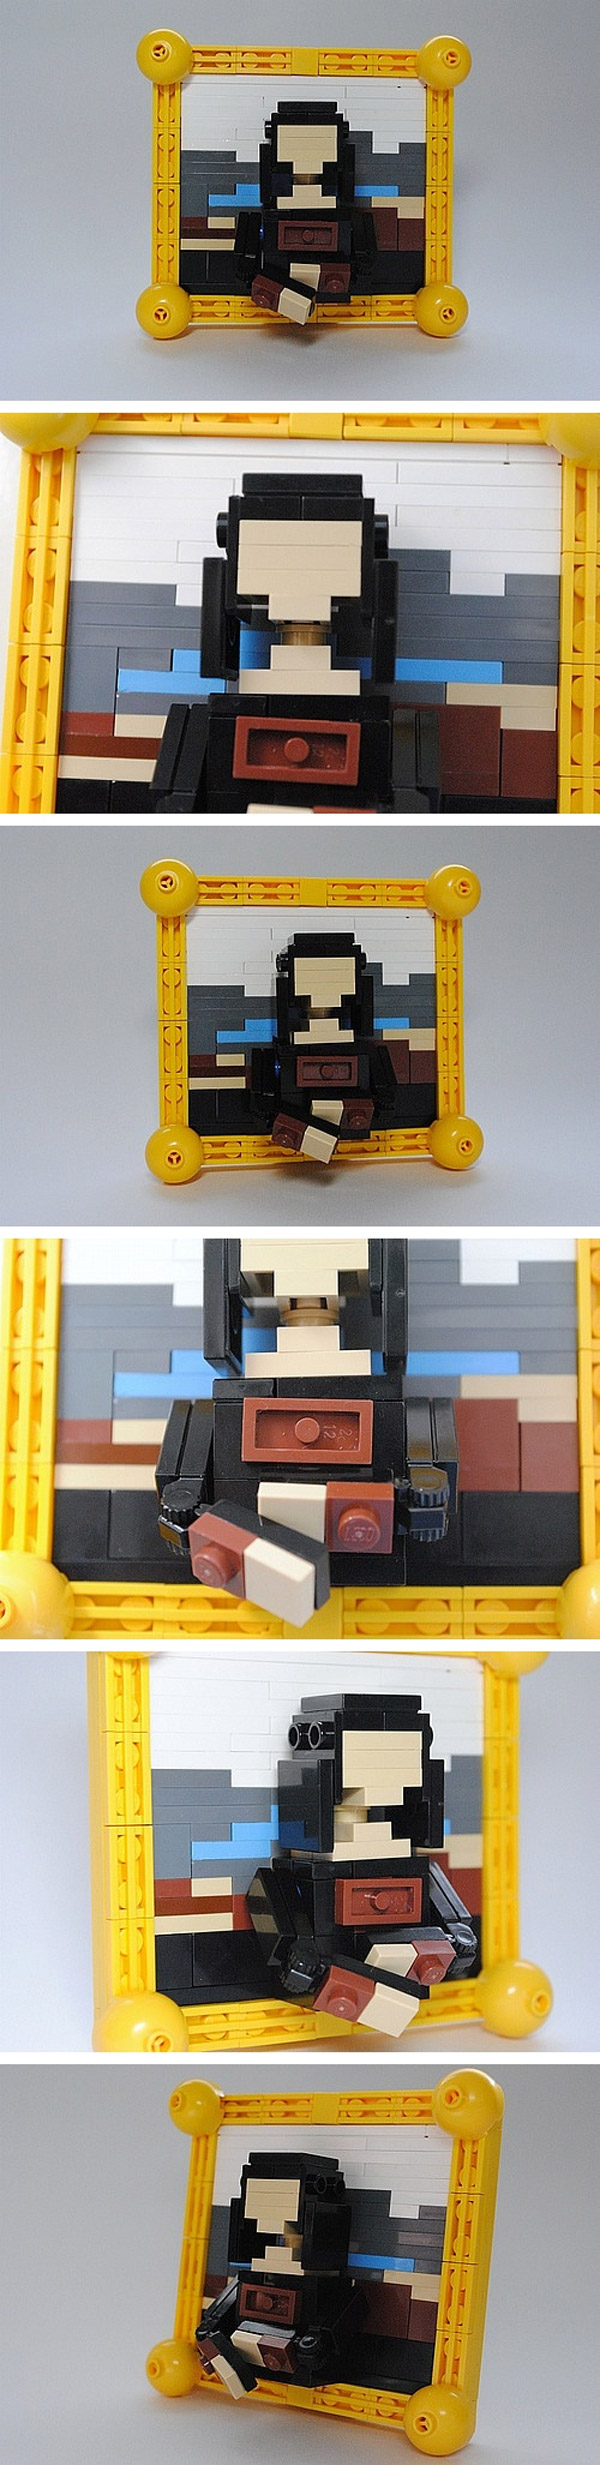 Mona Lisa de LEGO